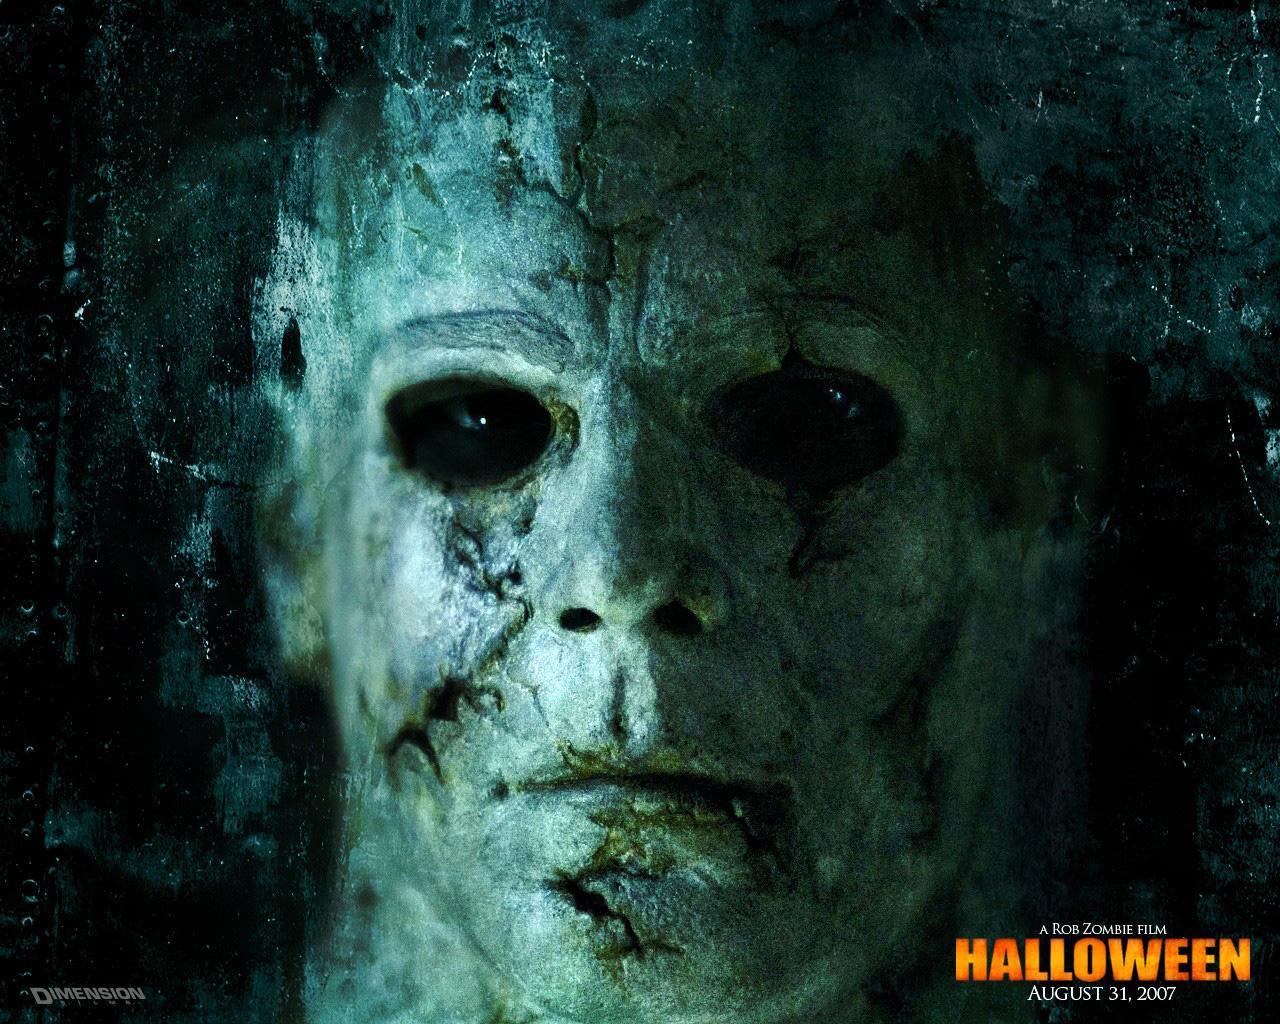 Desktop Wallpapers Halloween , Movies film